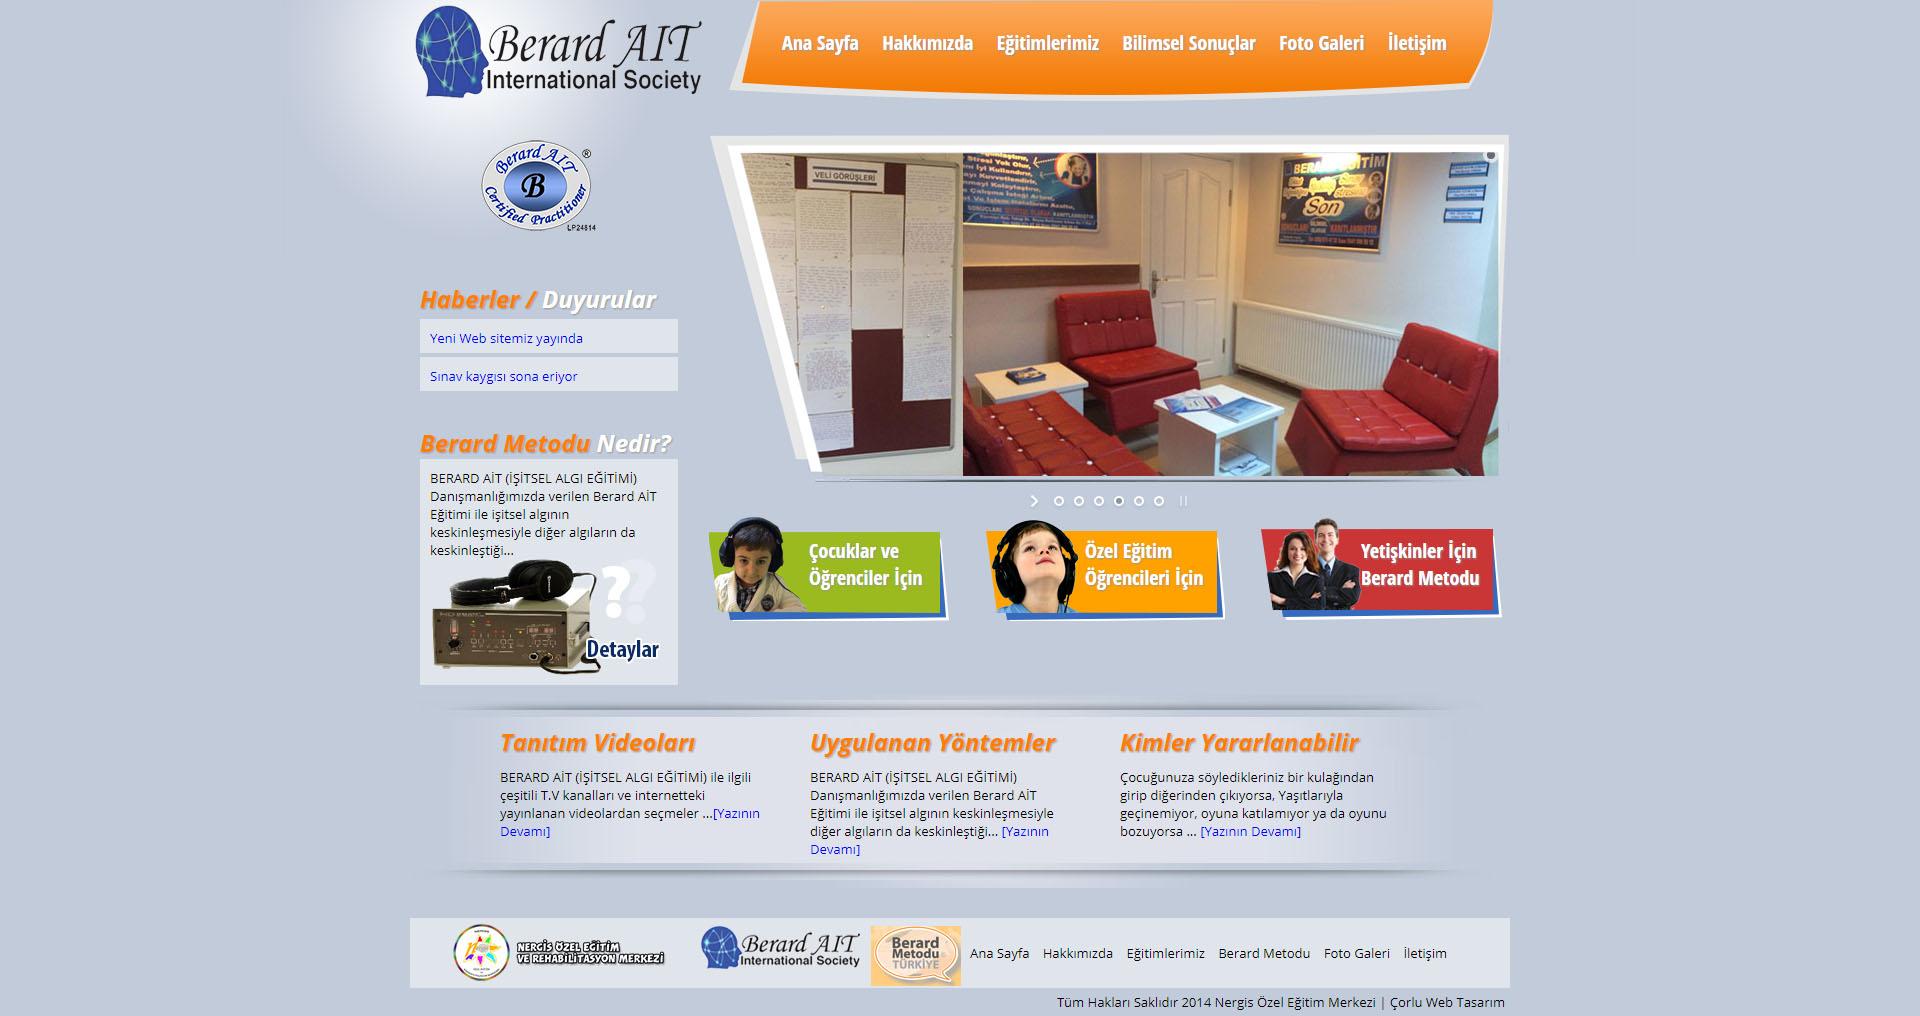 Eğitim İle İlgili İnternet Siteleri